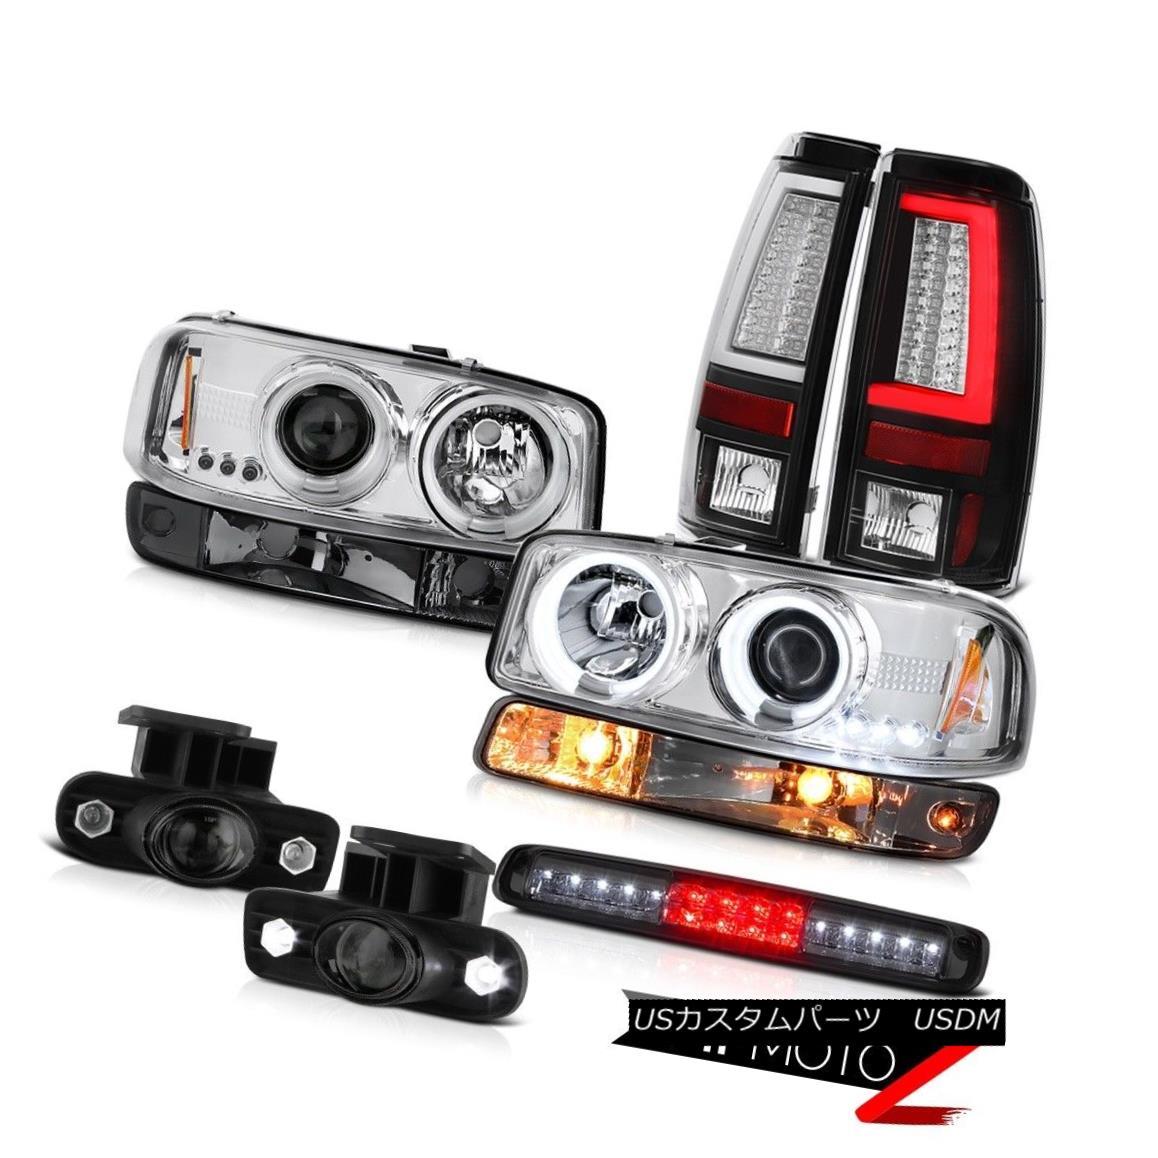 テールライト 1999-2002 Sierra 6.6L Taillights Roof Brake Lamp Bumper Foglights CCFL Headlamps 1999-2002シエラ6.6L灯台ルーフブレーキランプバンパーフォグライトCCFLヘッドランプ